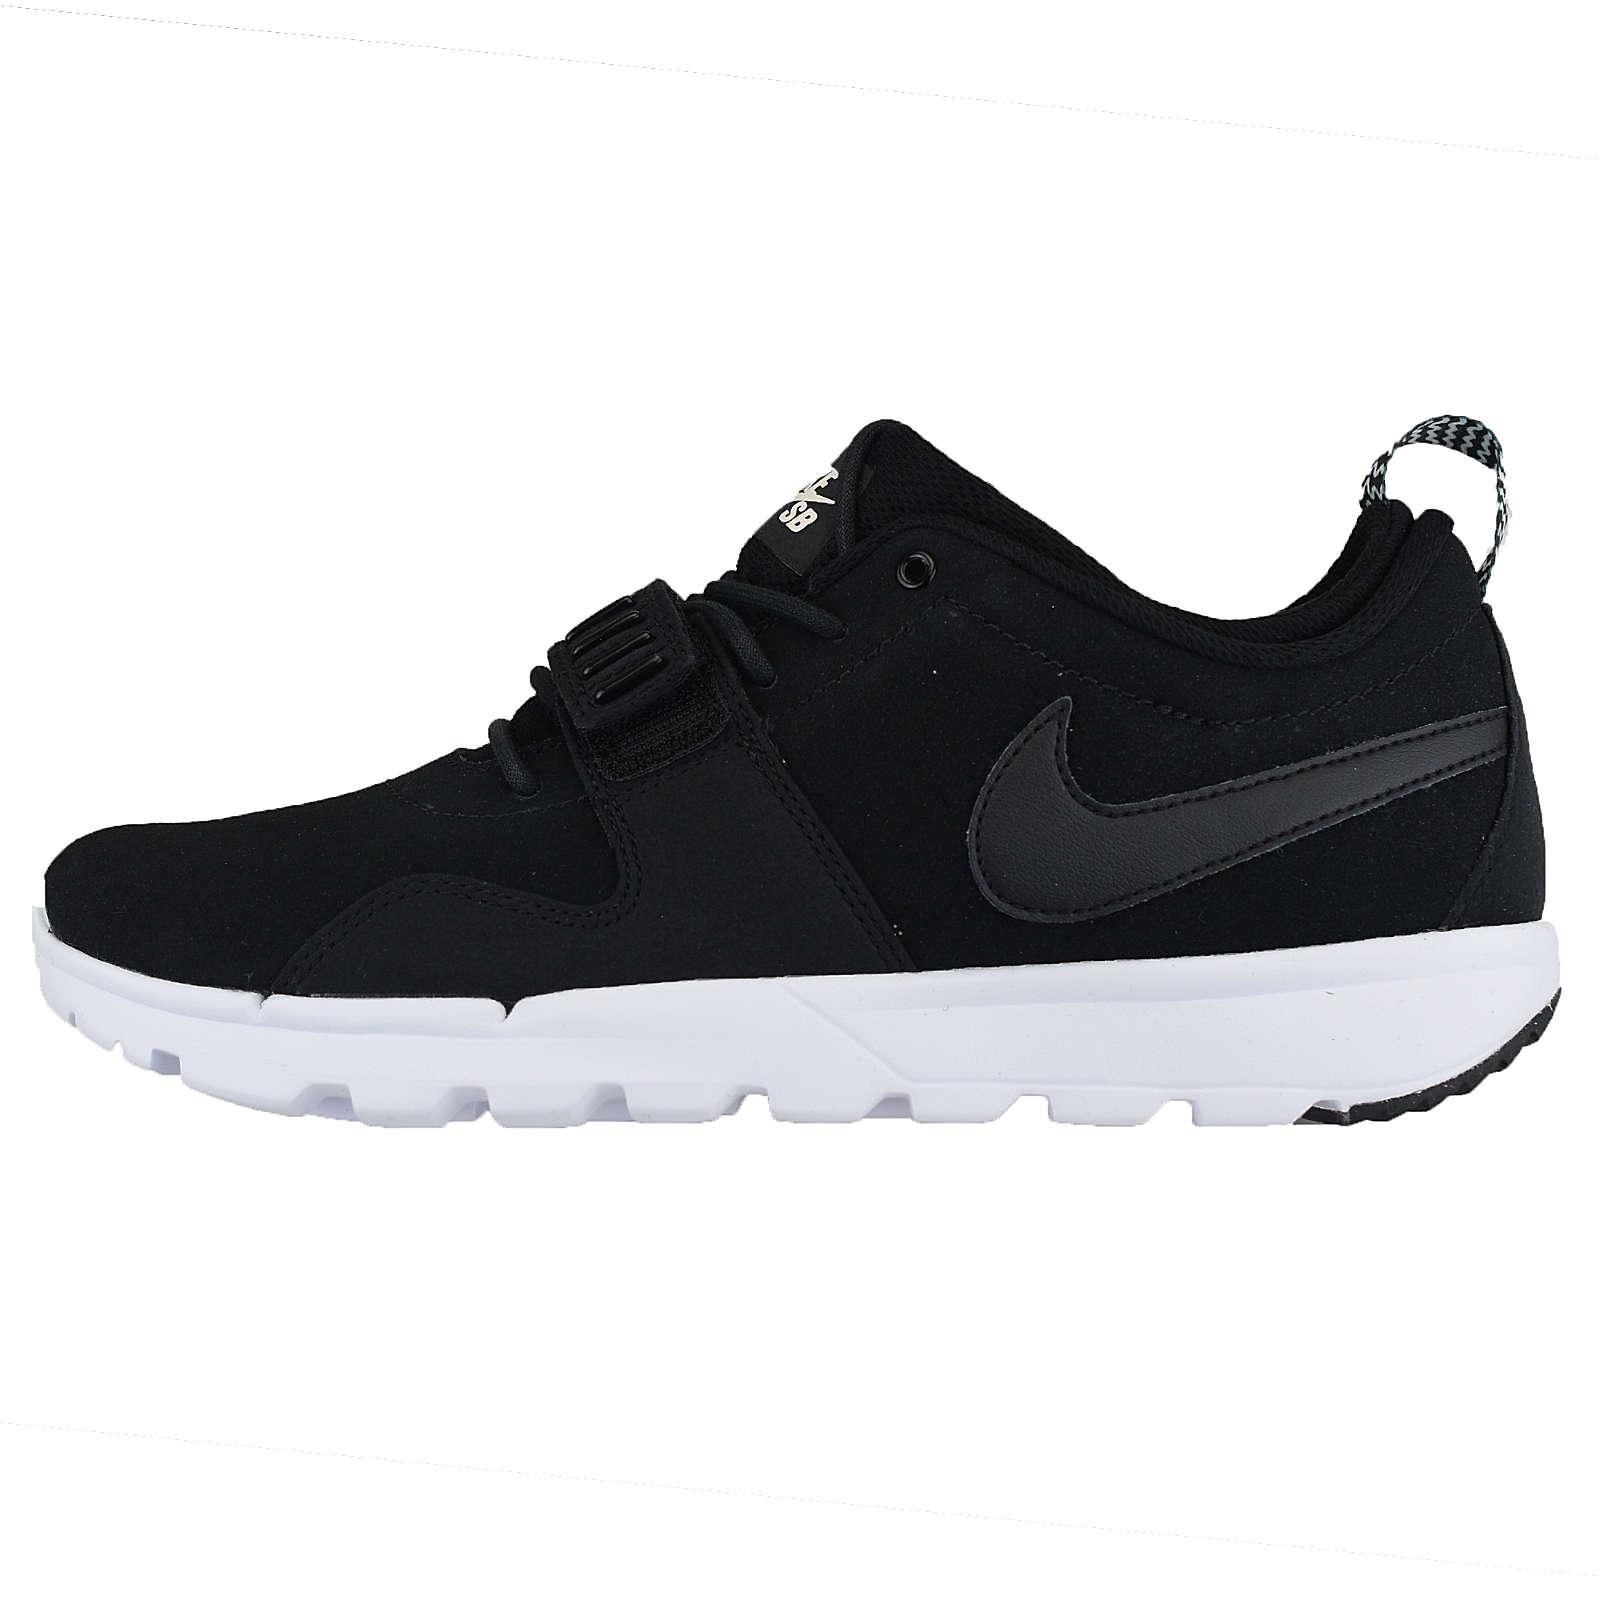 Nike TRAINERENDOR L 806309-002 Sneakers Low schwarz Herren Gr. 41